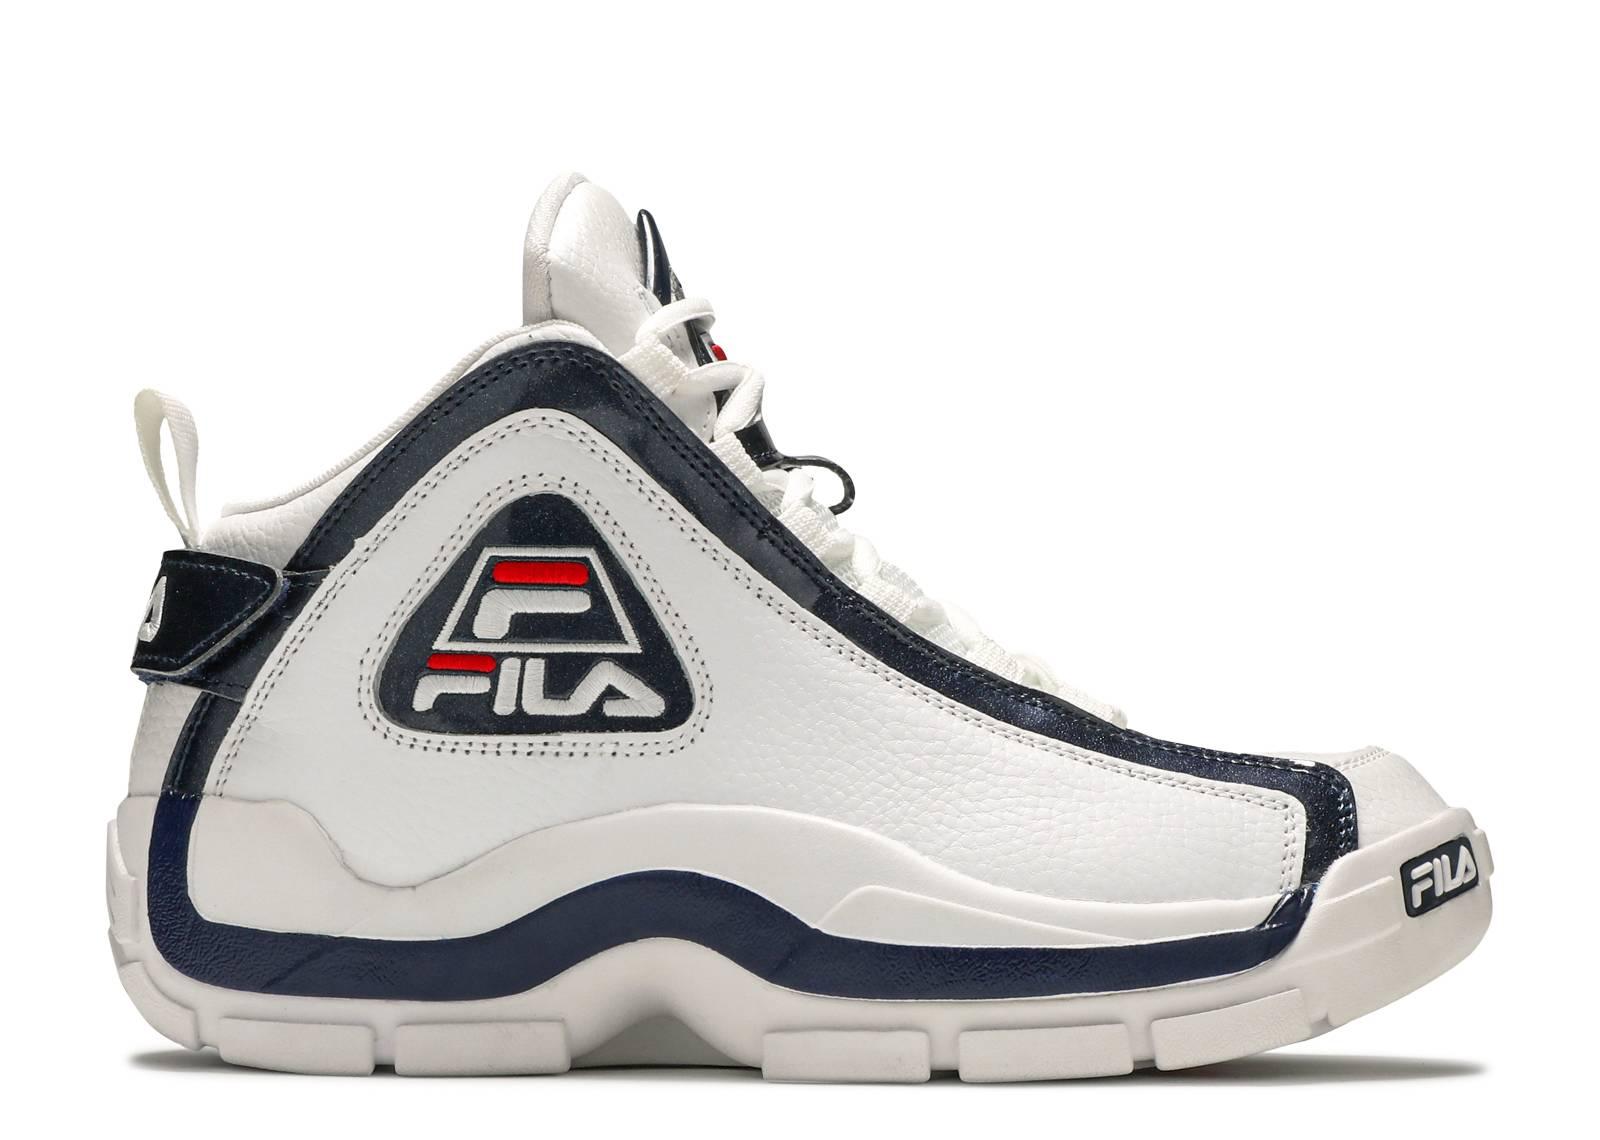 fila shoes grant hills 9514864000